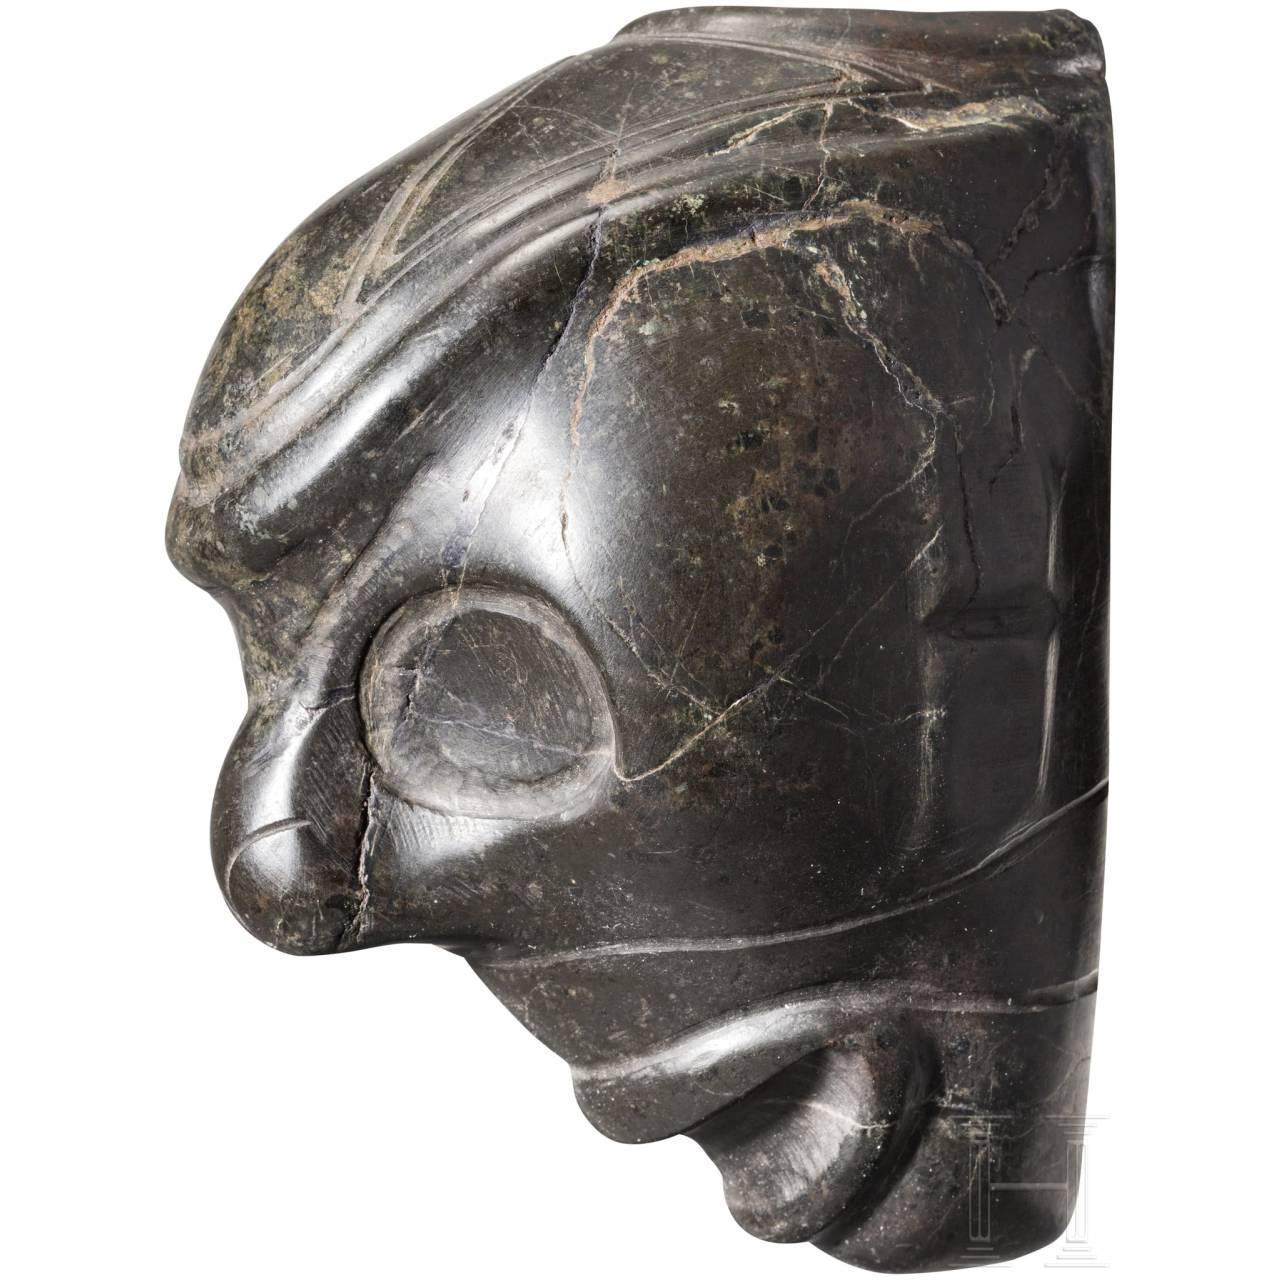 Masken-Kopf, Karibik, Taíno-Kultur, 11. - 15. Jhdt.